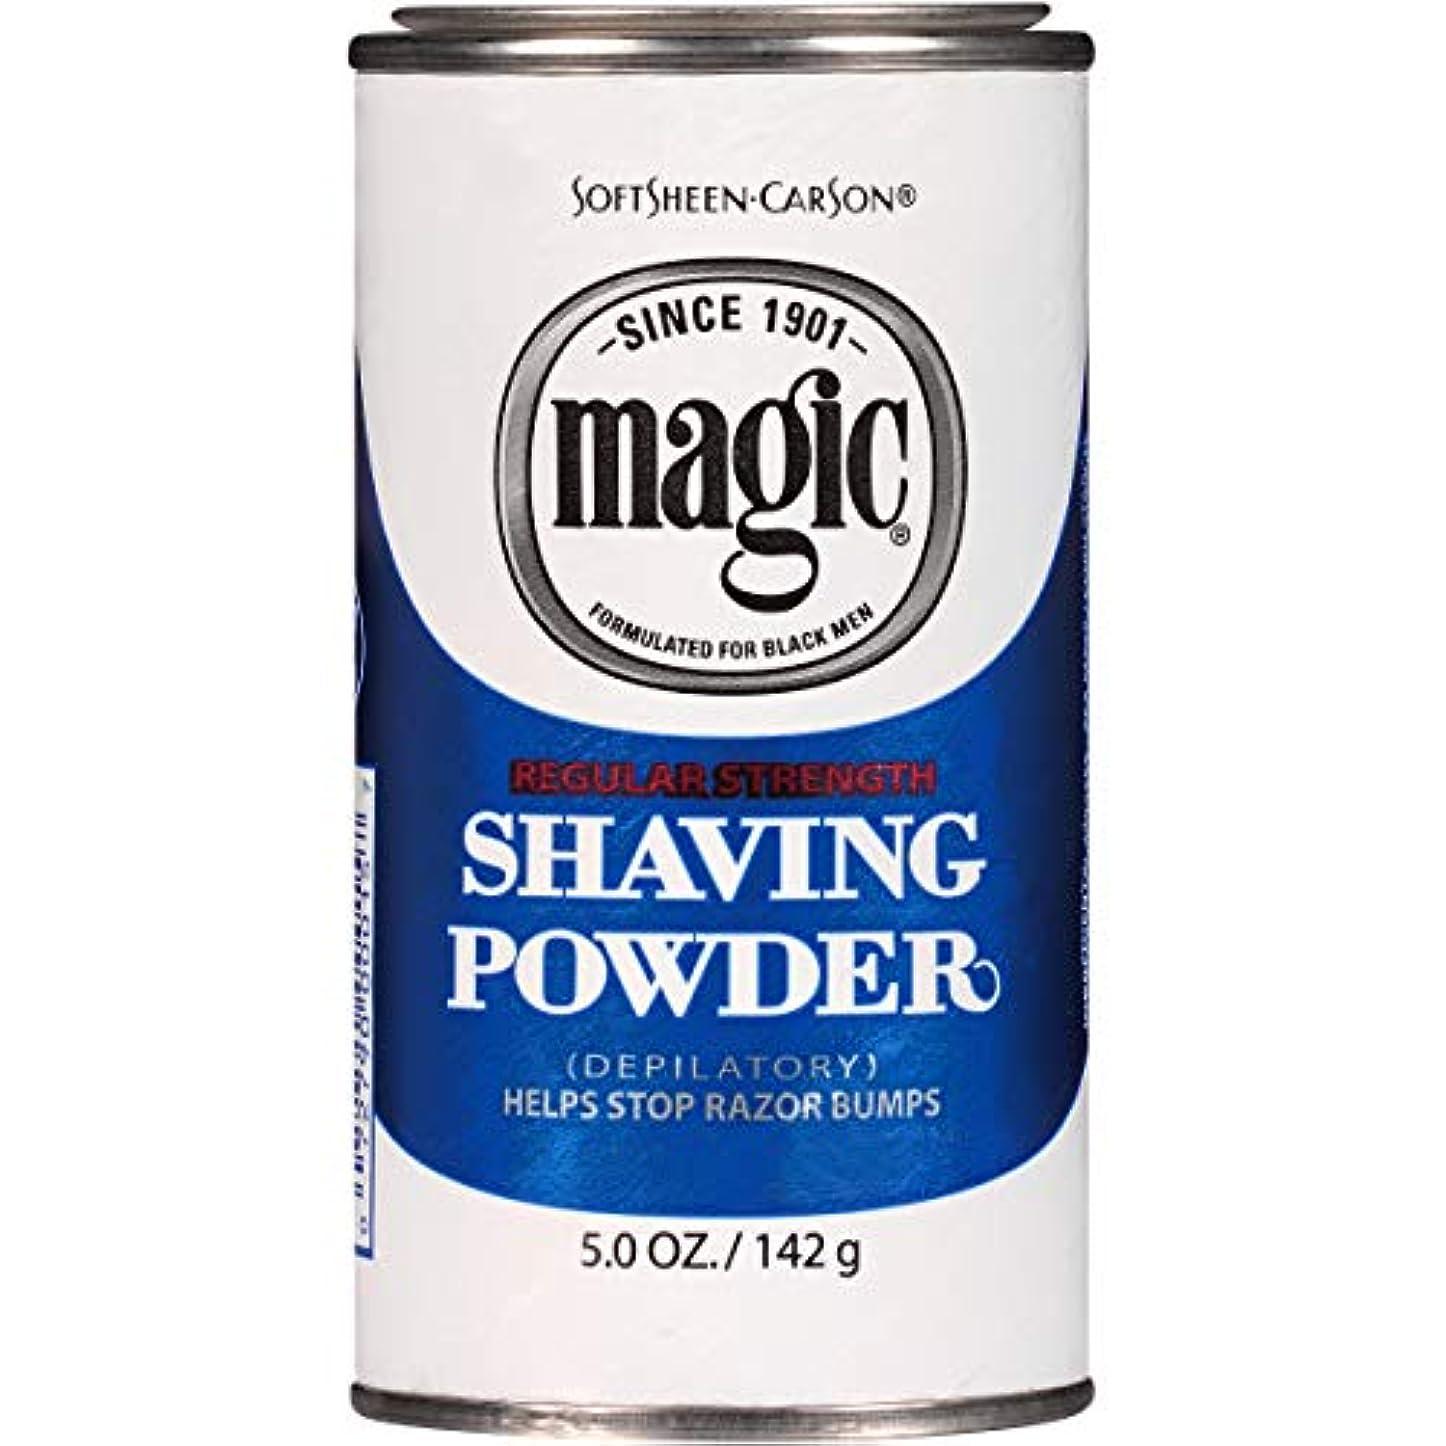 立方体乳白色ゴールメンズひげ脱毛ブルーシェービングパウダー レギュラー 133ml (並行輸入品)